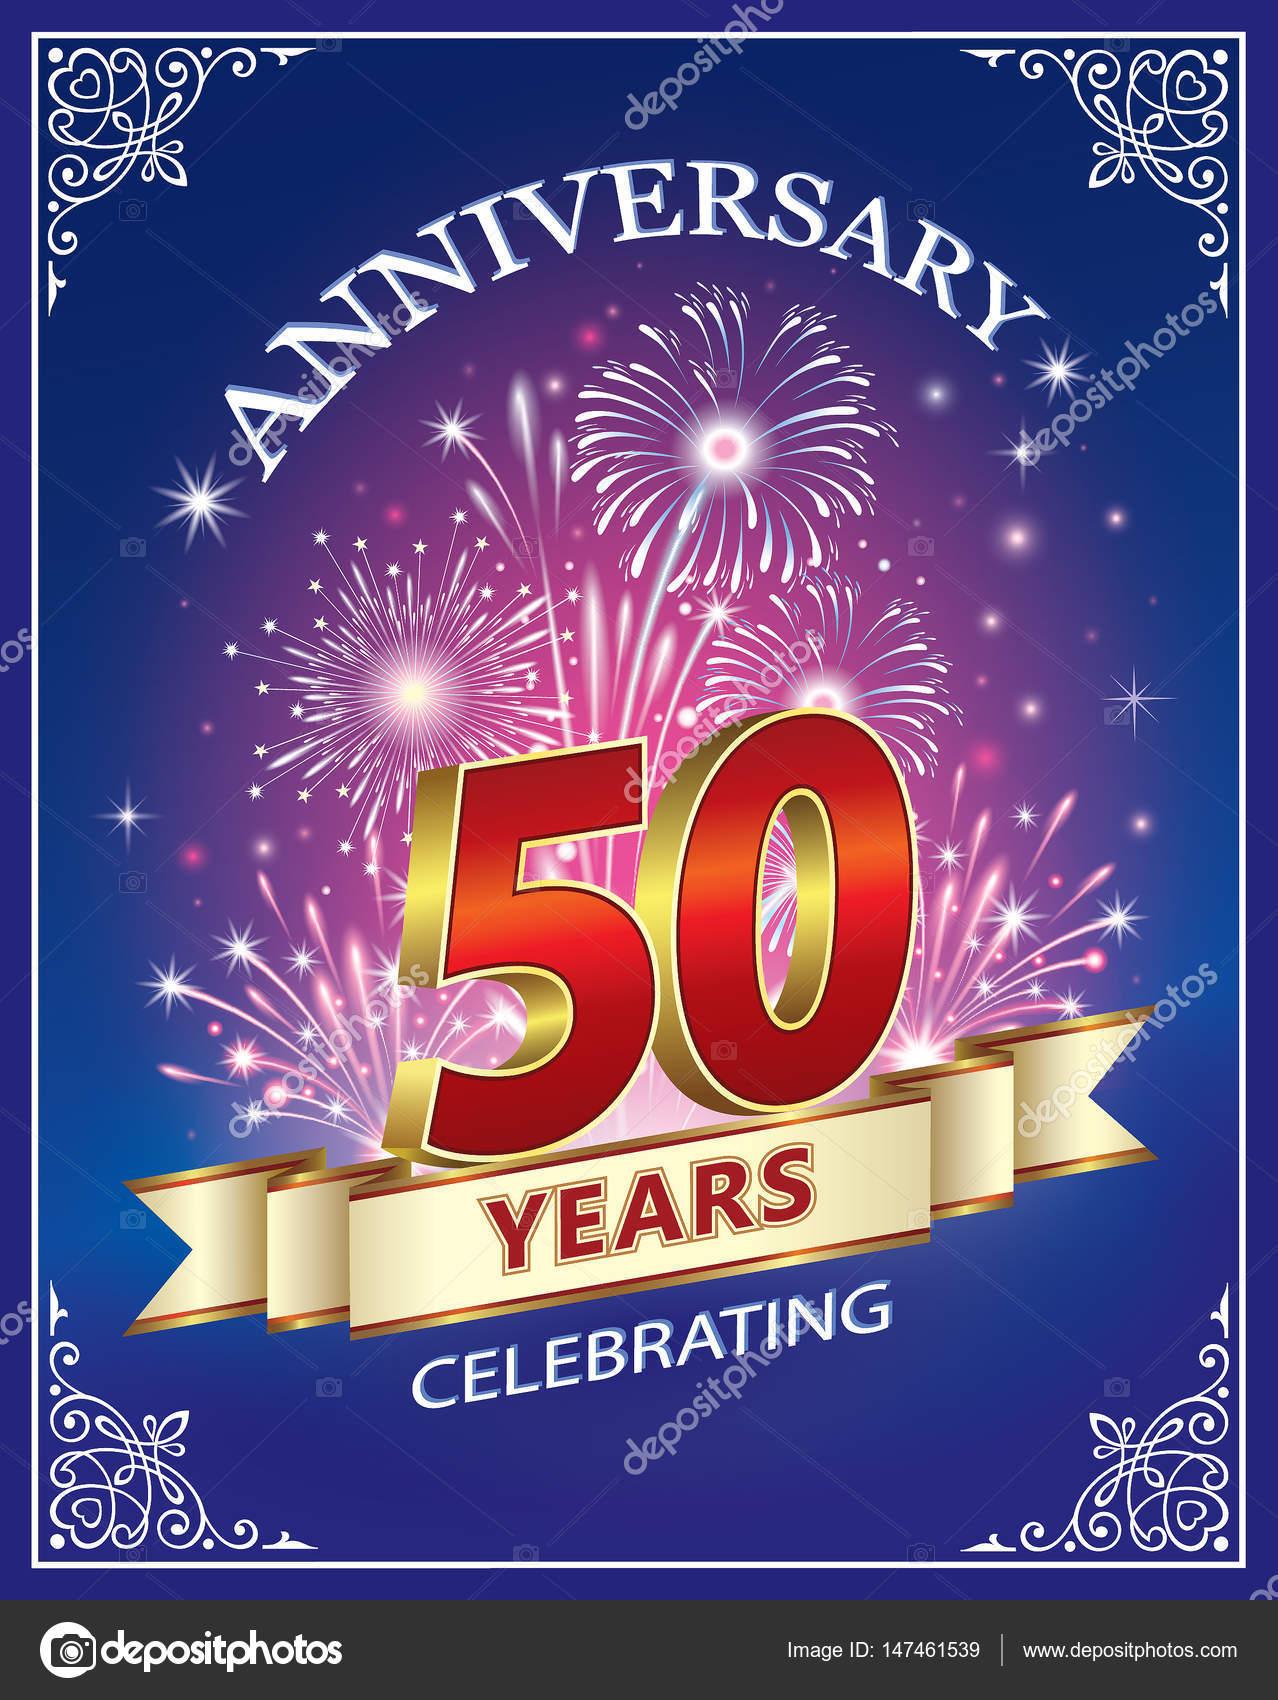 Tarjeta de aniversario de 50 años — Archivo Imágenes Vectoriales ...